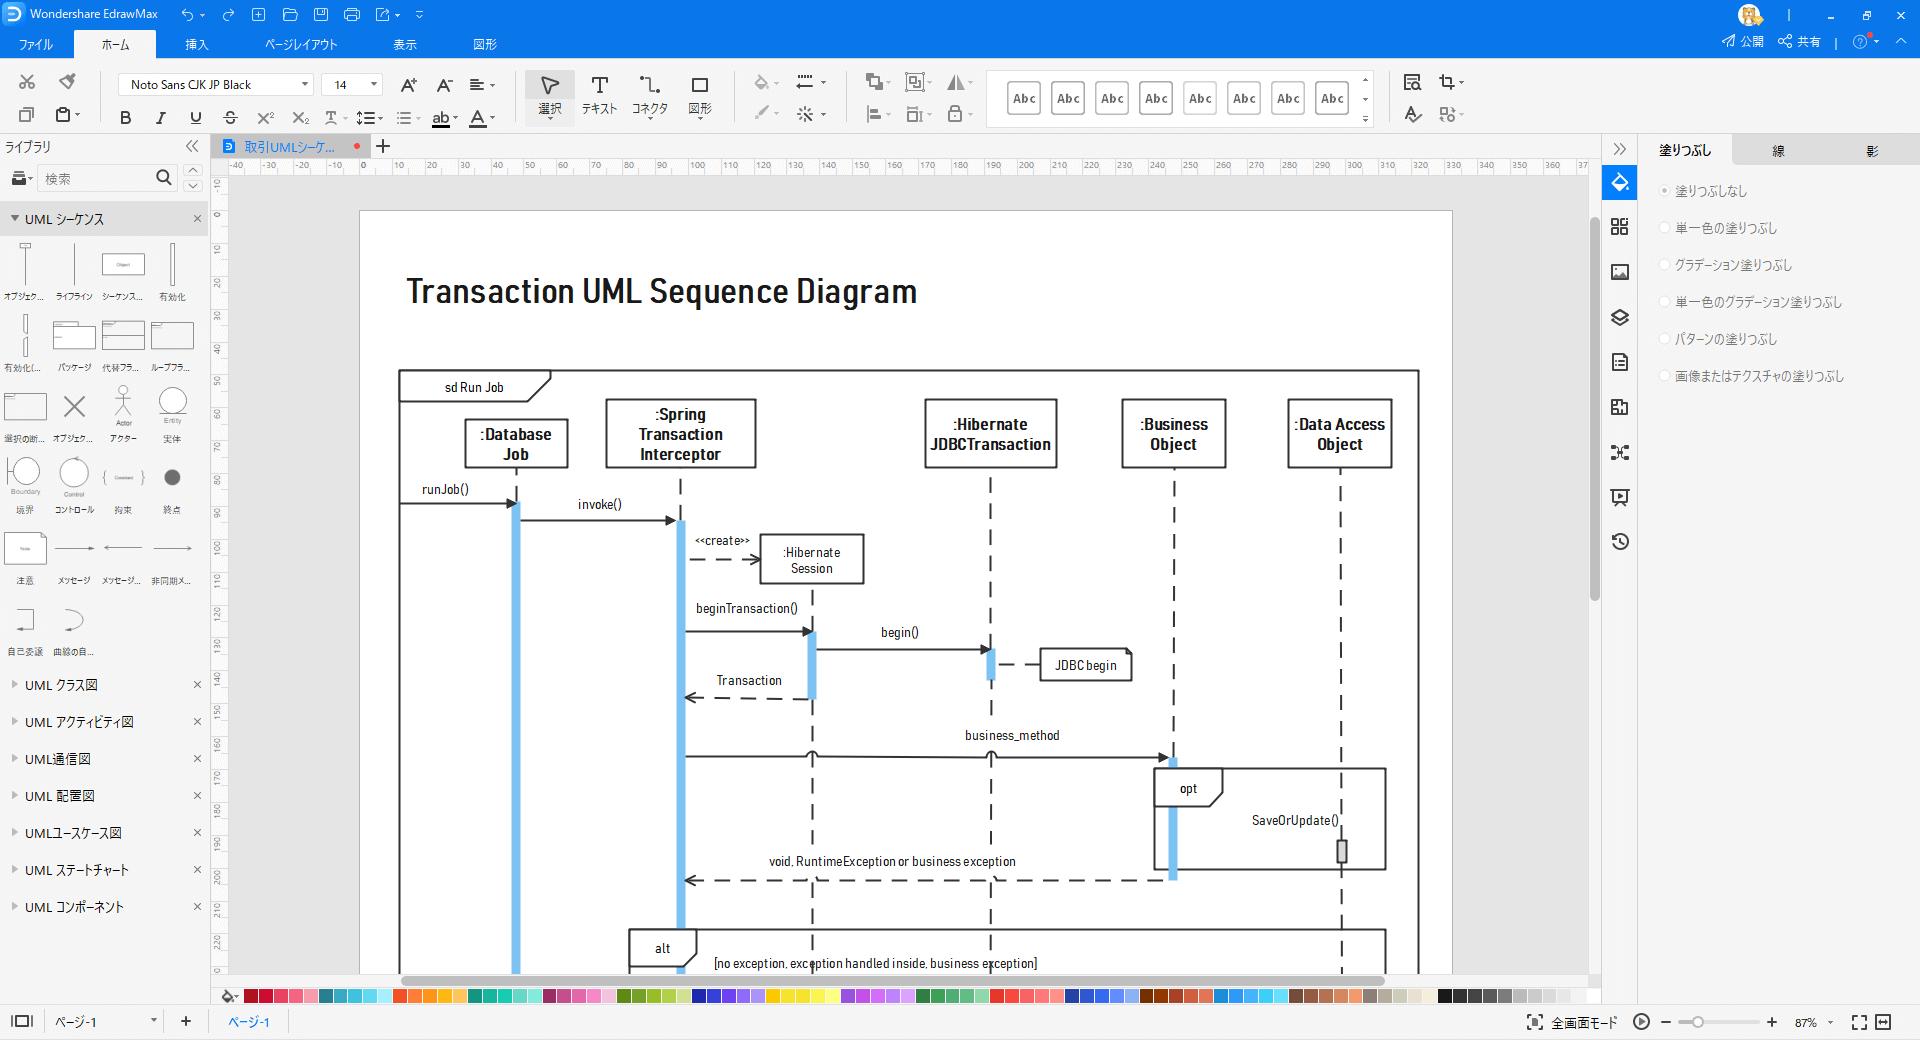 シーケンス図作成ソフト